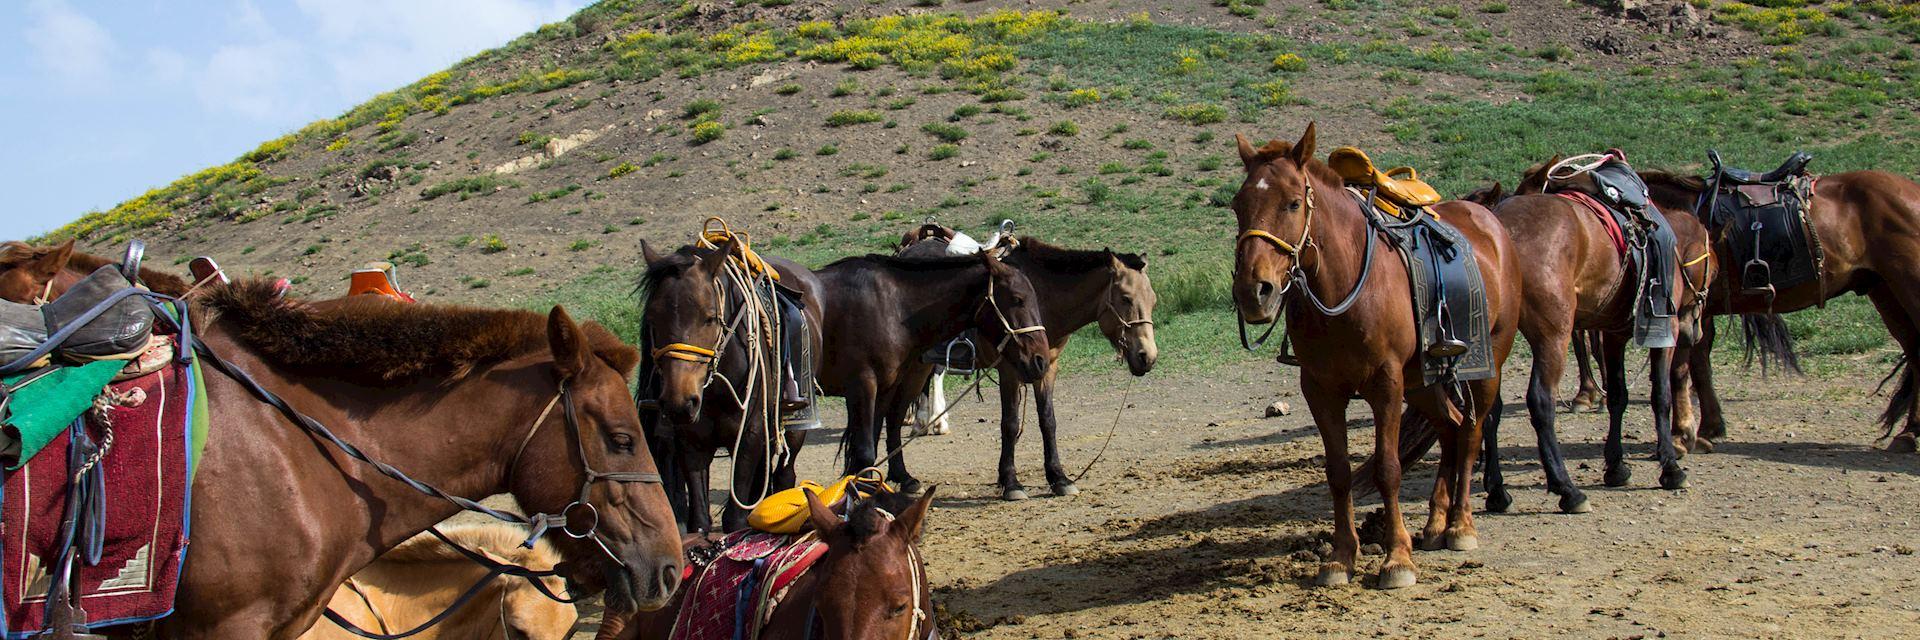 Horses in Gobi Gurvansaikhan National Park